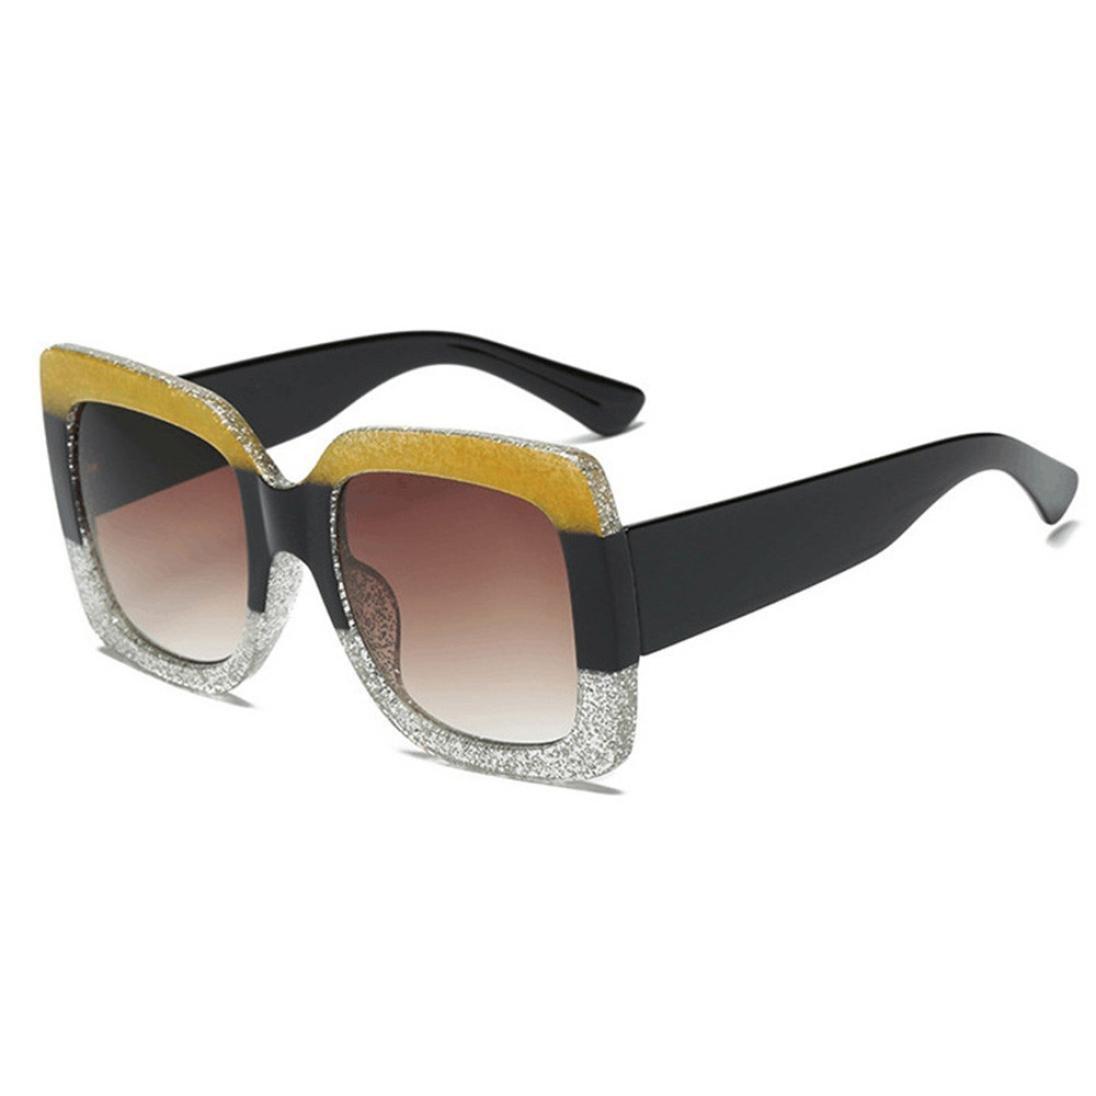 Leey Nuovi Occhiali da Sole Quadrati Oversize di Lusso con Lenti sfumate da Donna Vintage Occhiali da Sole Colorblock Occhiali da Sole da Vista Grandi da Sole Retro Eyewear Sunglasses Unisex 63RG